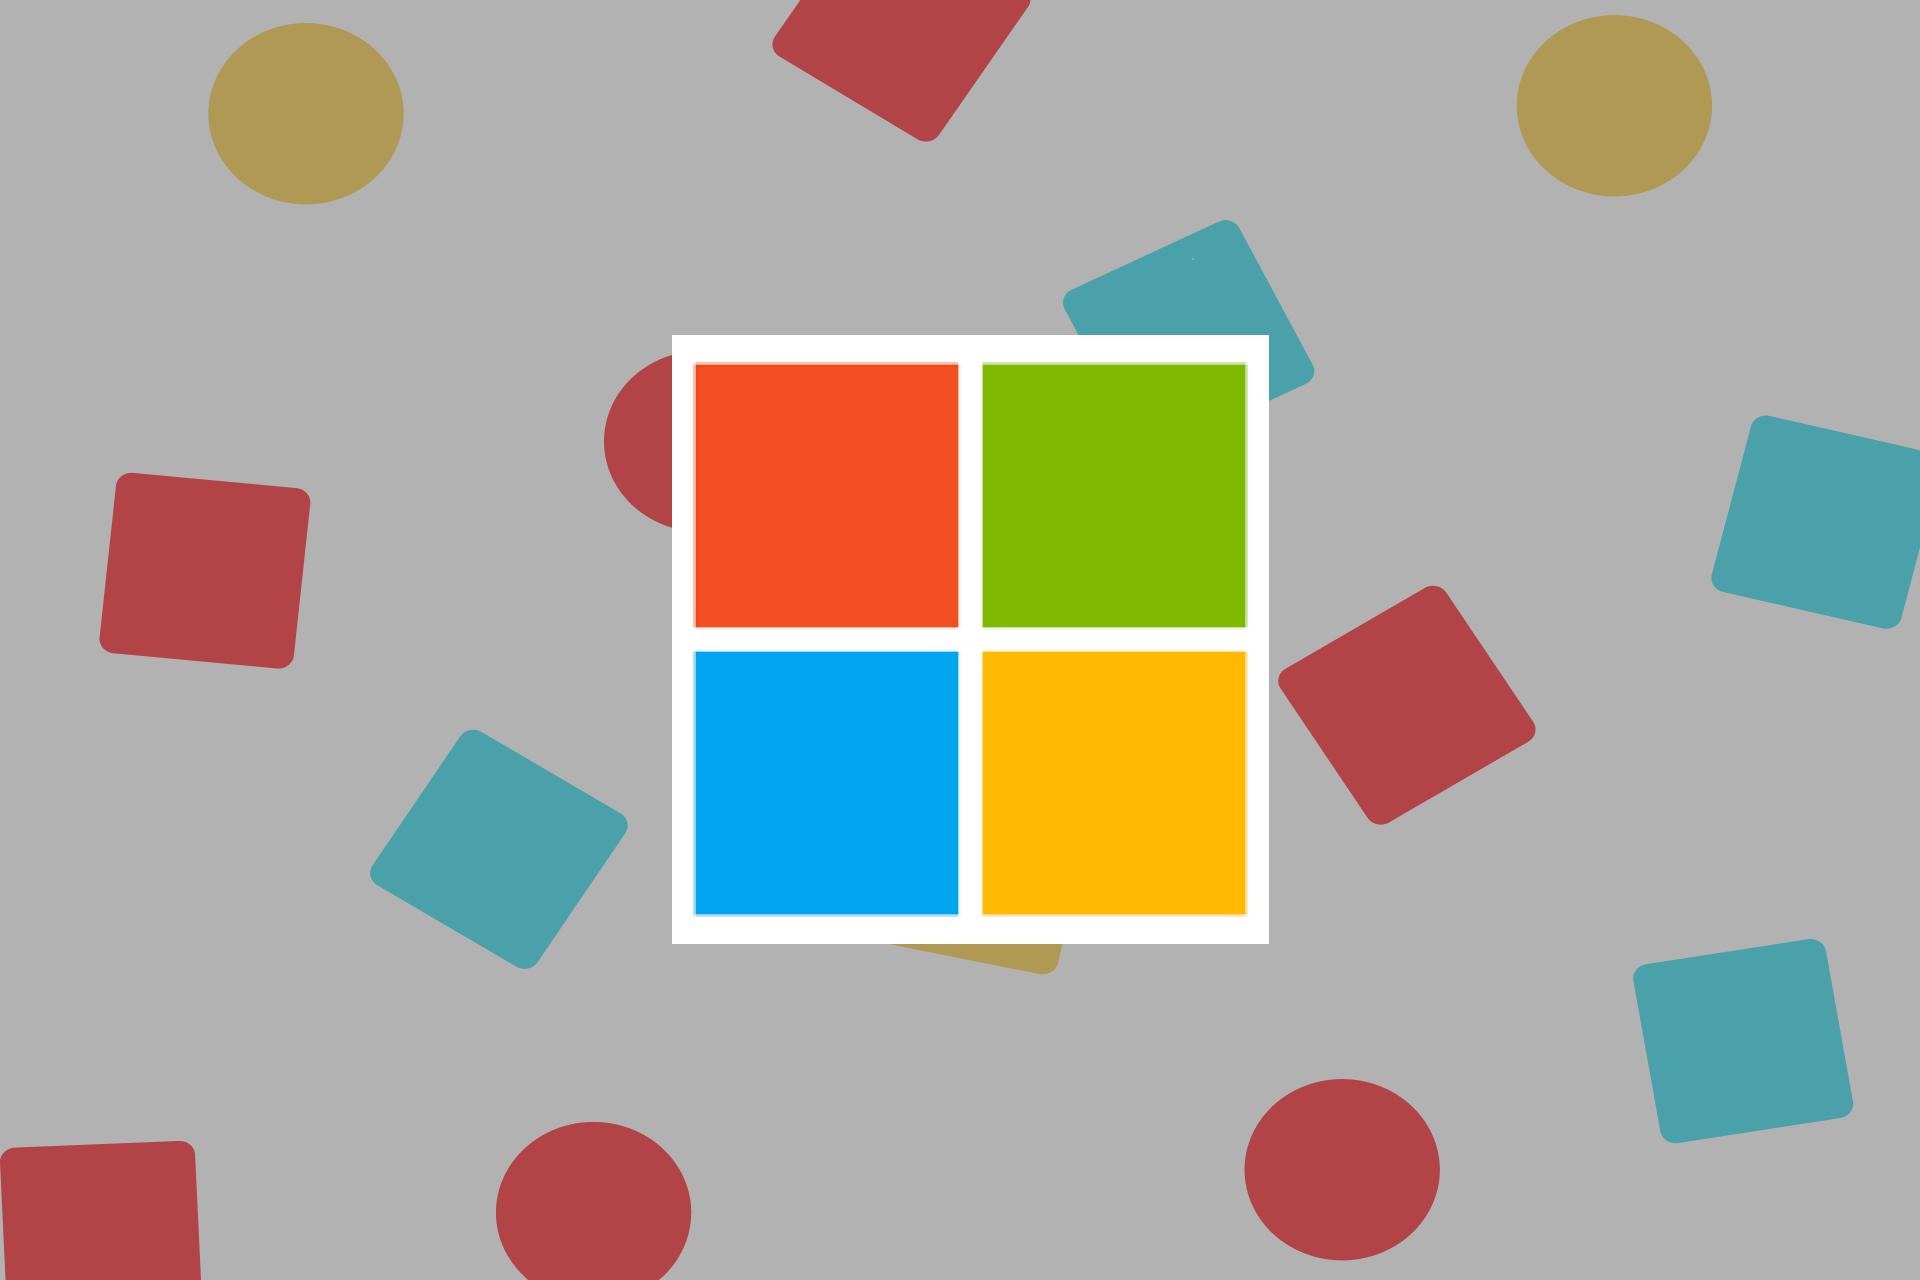 Microsoft Promo Codes With CampaignHero